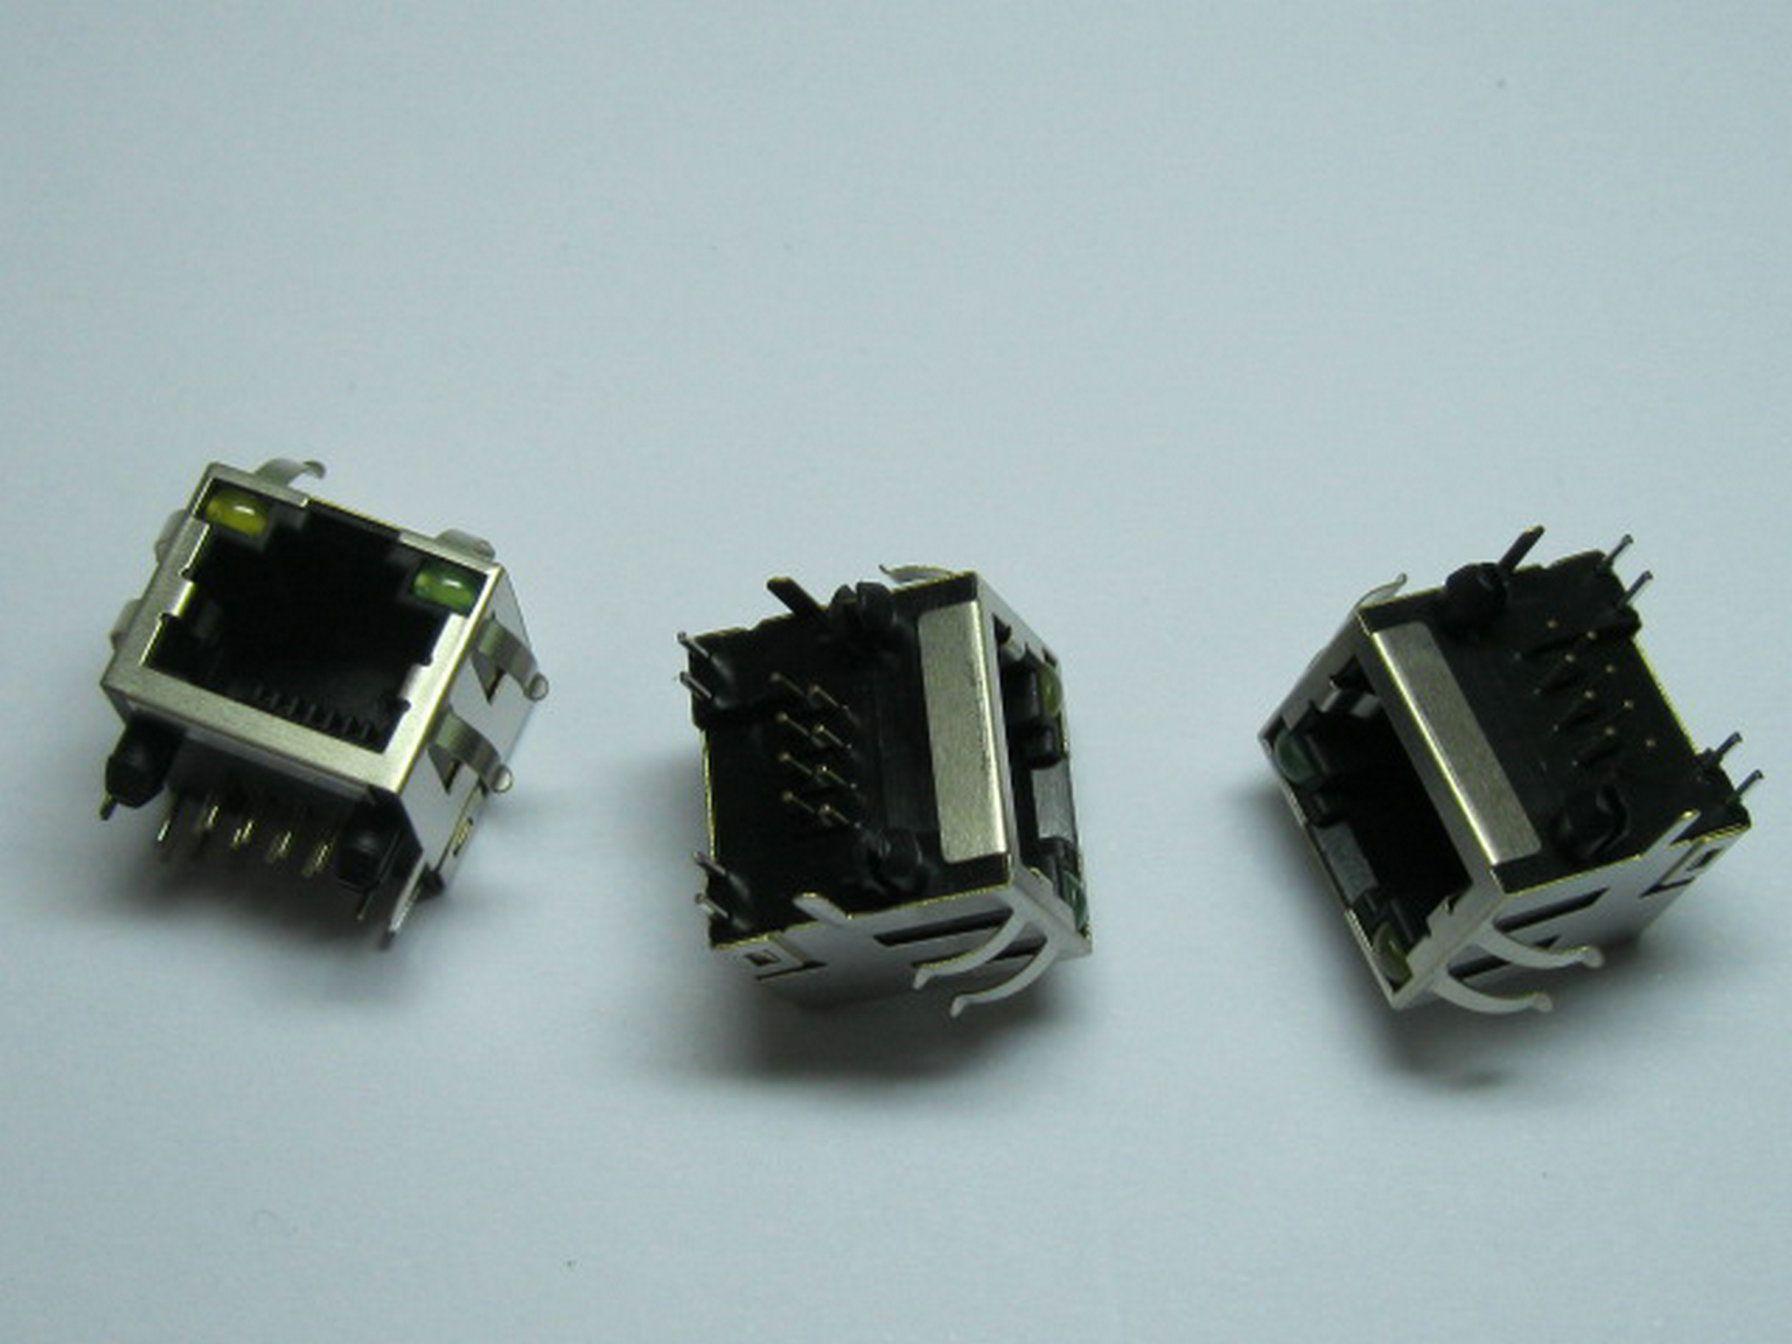 RJ45 모듈 형 네트워크 PCB 잭 56 8p LED 램프 측면 항목